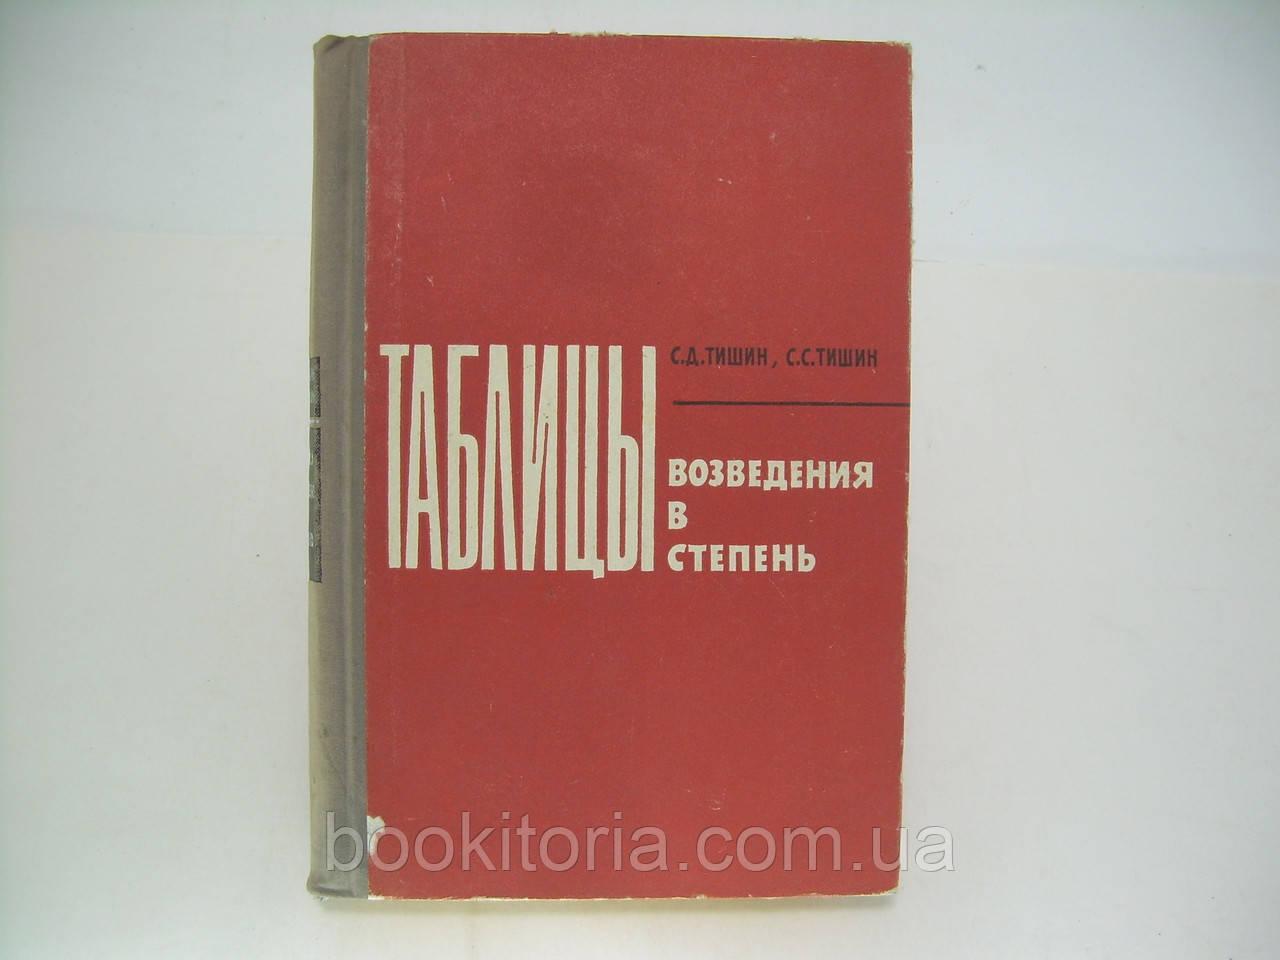 Тишин С.Д. Тишин С.С. Таблицы возведения в степень при основаниях от 0,00001 до 1000 (б/у)., фото 1